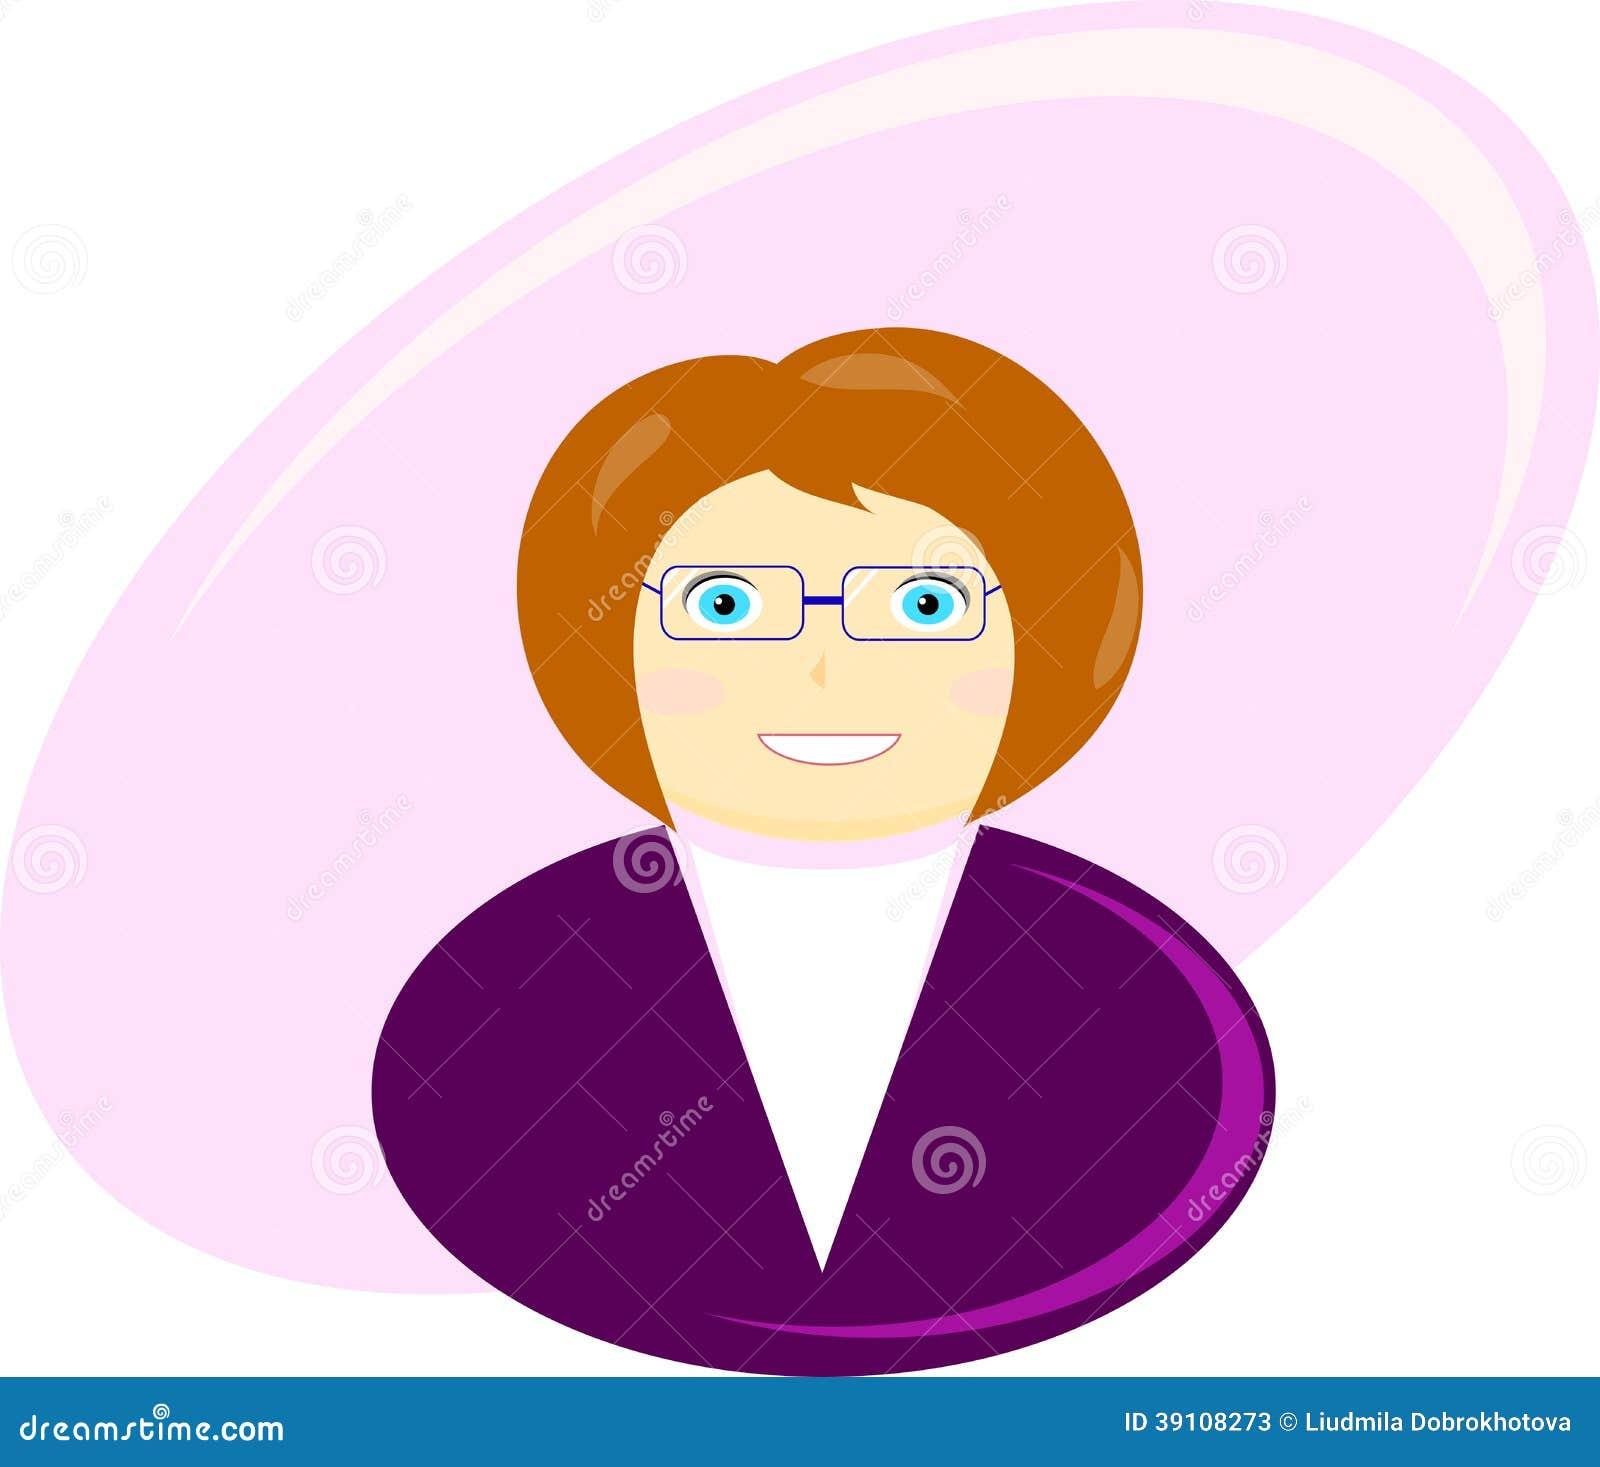 Illustratie van een bedrijfsvrouw